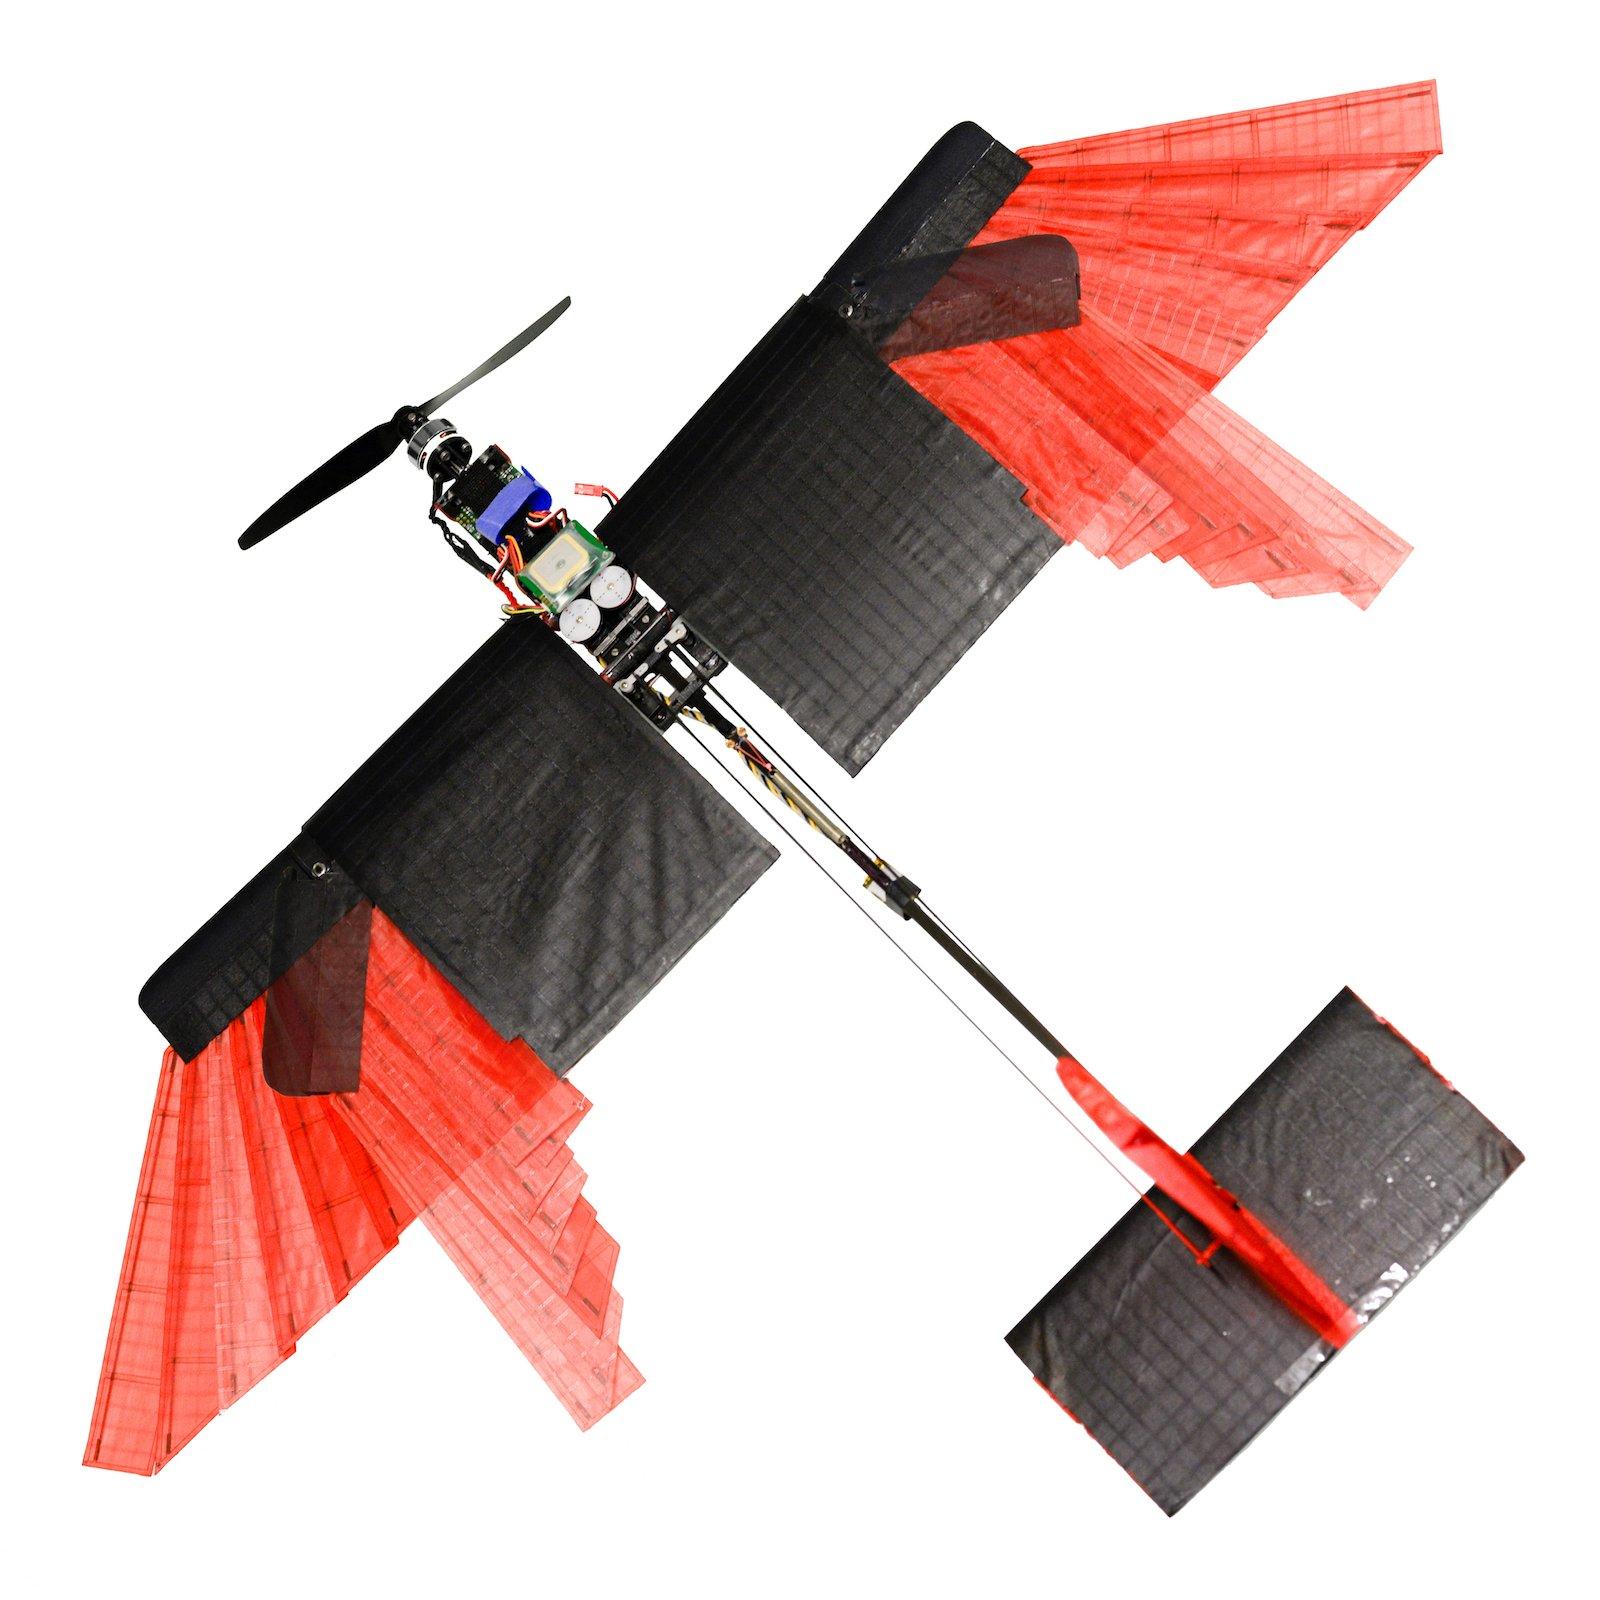 Sieht ein wenig nach Hobbykeller aus, doch diese Drohnekann auch bei starkem Wind fliegen, enge Kurven nehmen, auf sich ändernde Luftverhältnisse reagieren und in der Luft bremsen in der Luft. Was andere Drohnen nicht können. Gebaut wurde sie von Forschern des Laboratory of Intelligent Systems an der Polytechnischen Hochschule Lausanne (EPFL)